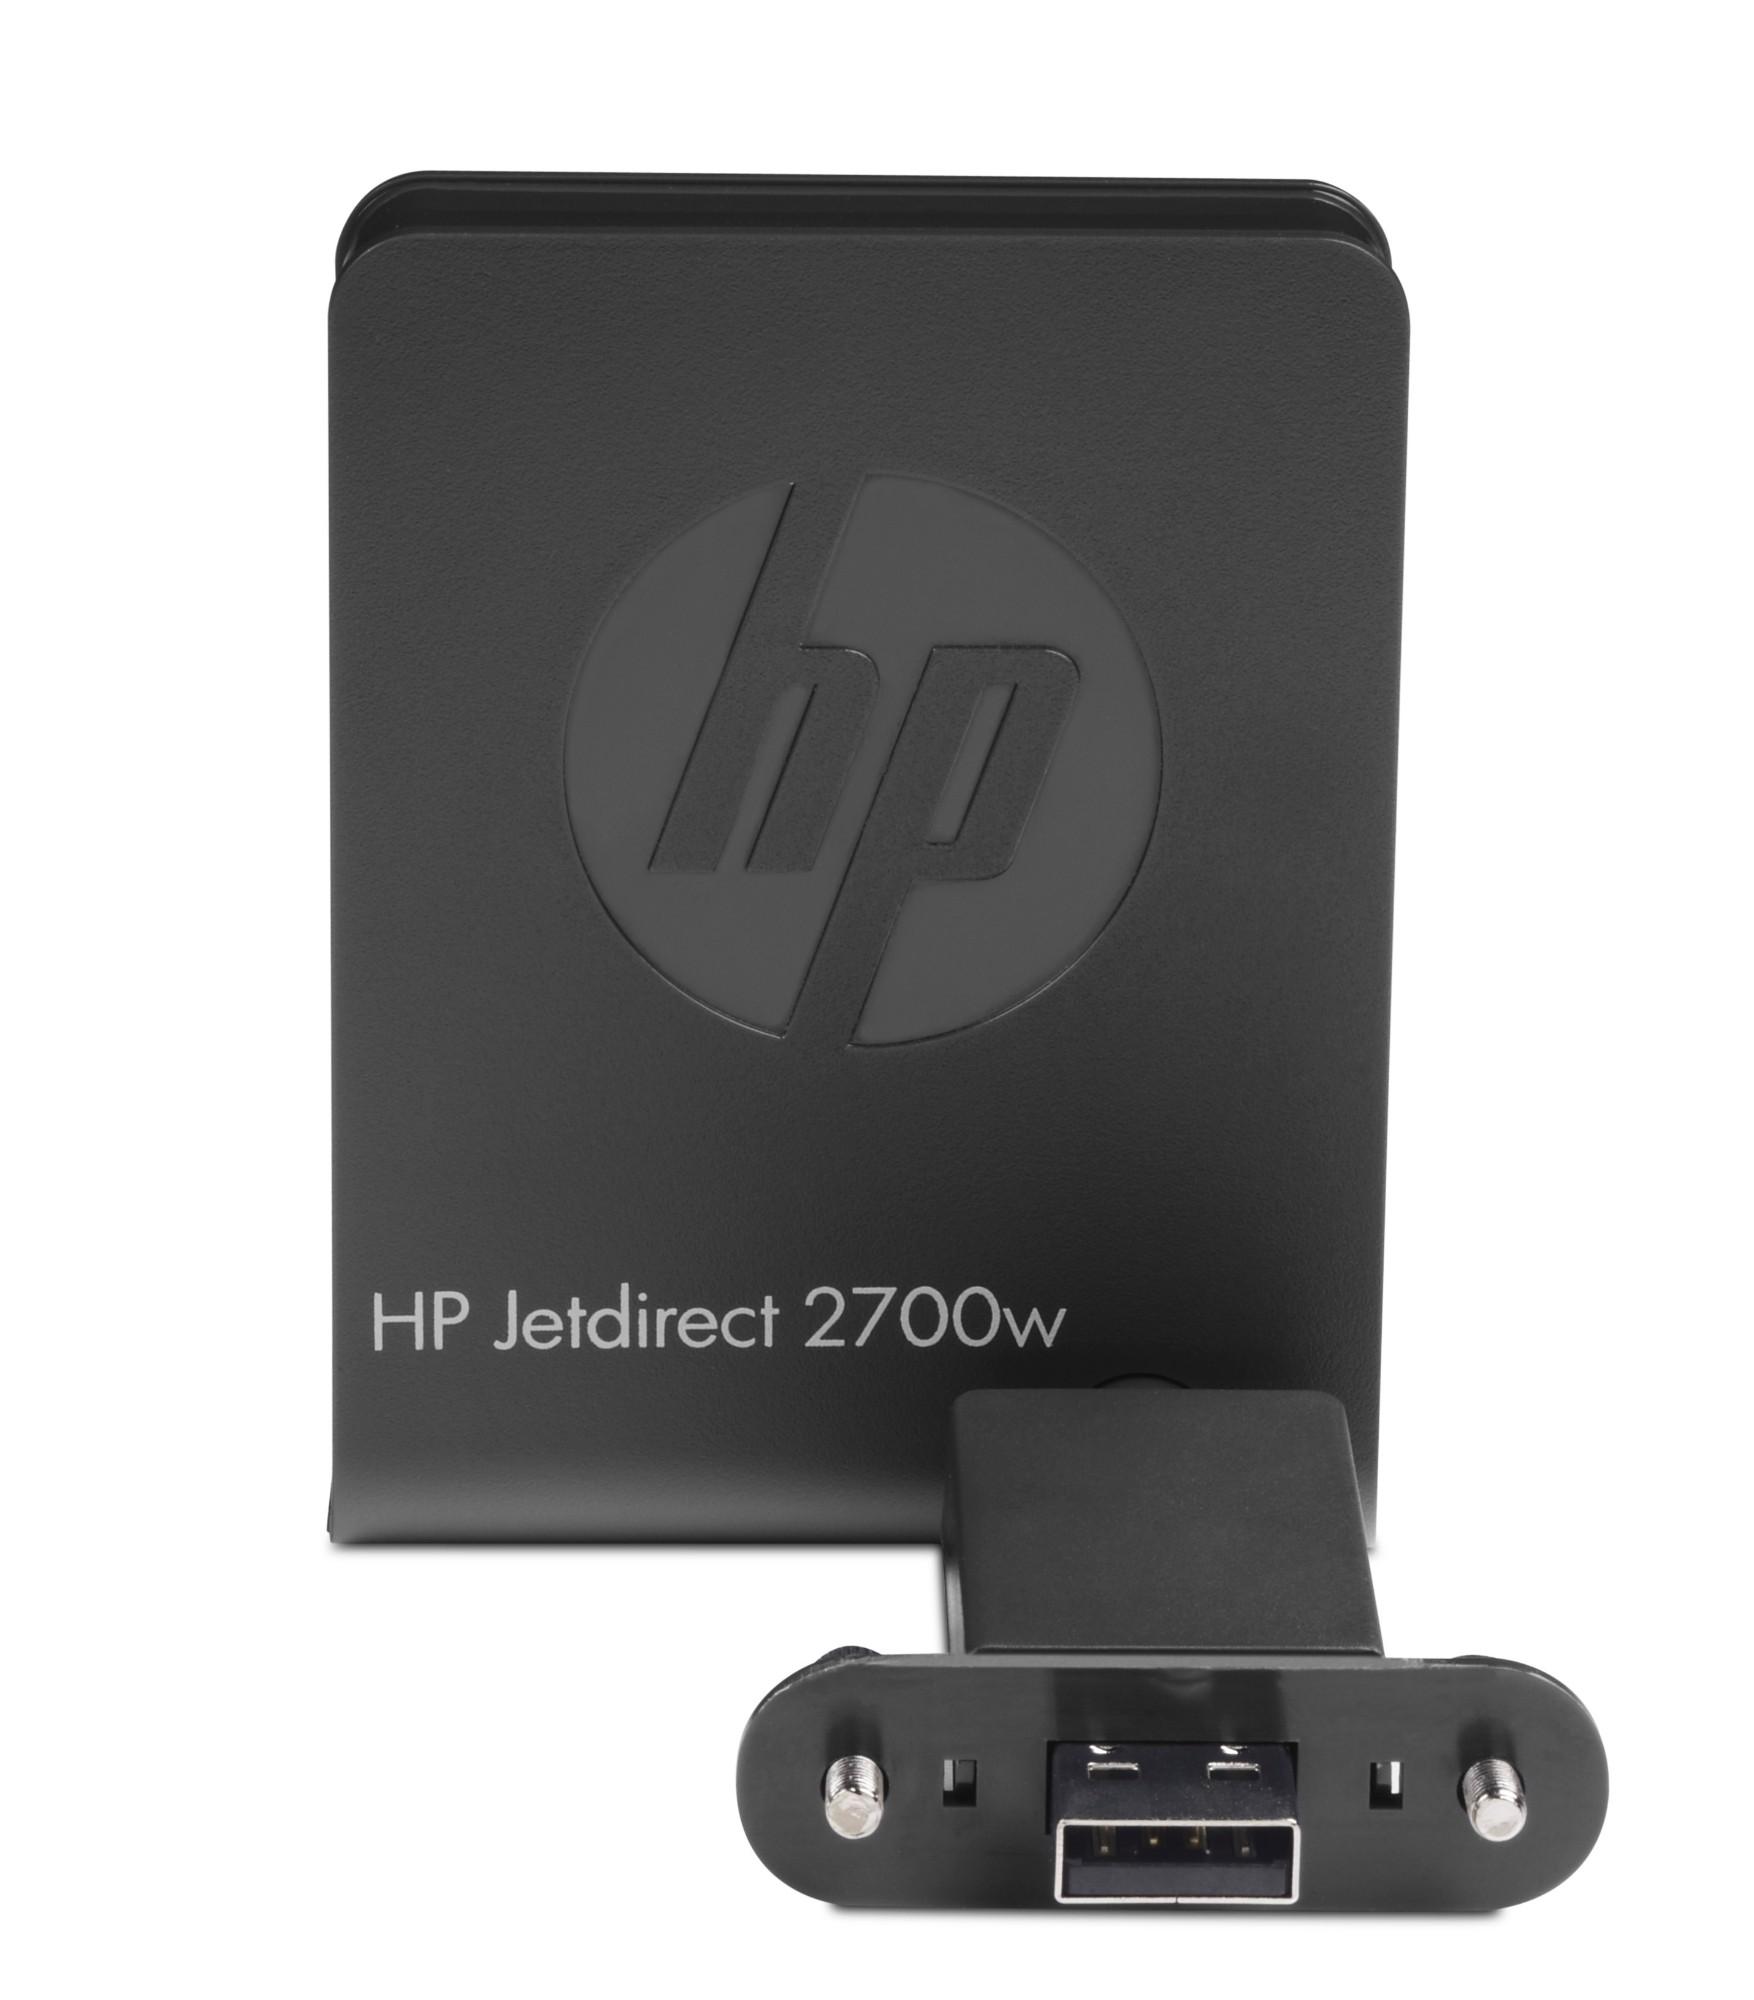 HP Jetdirect 2700w USB Wifi print server